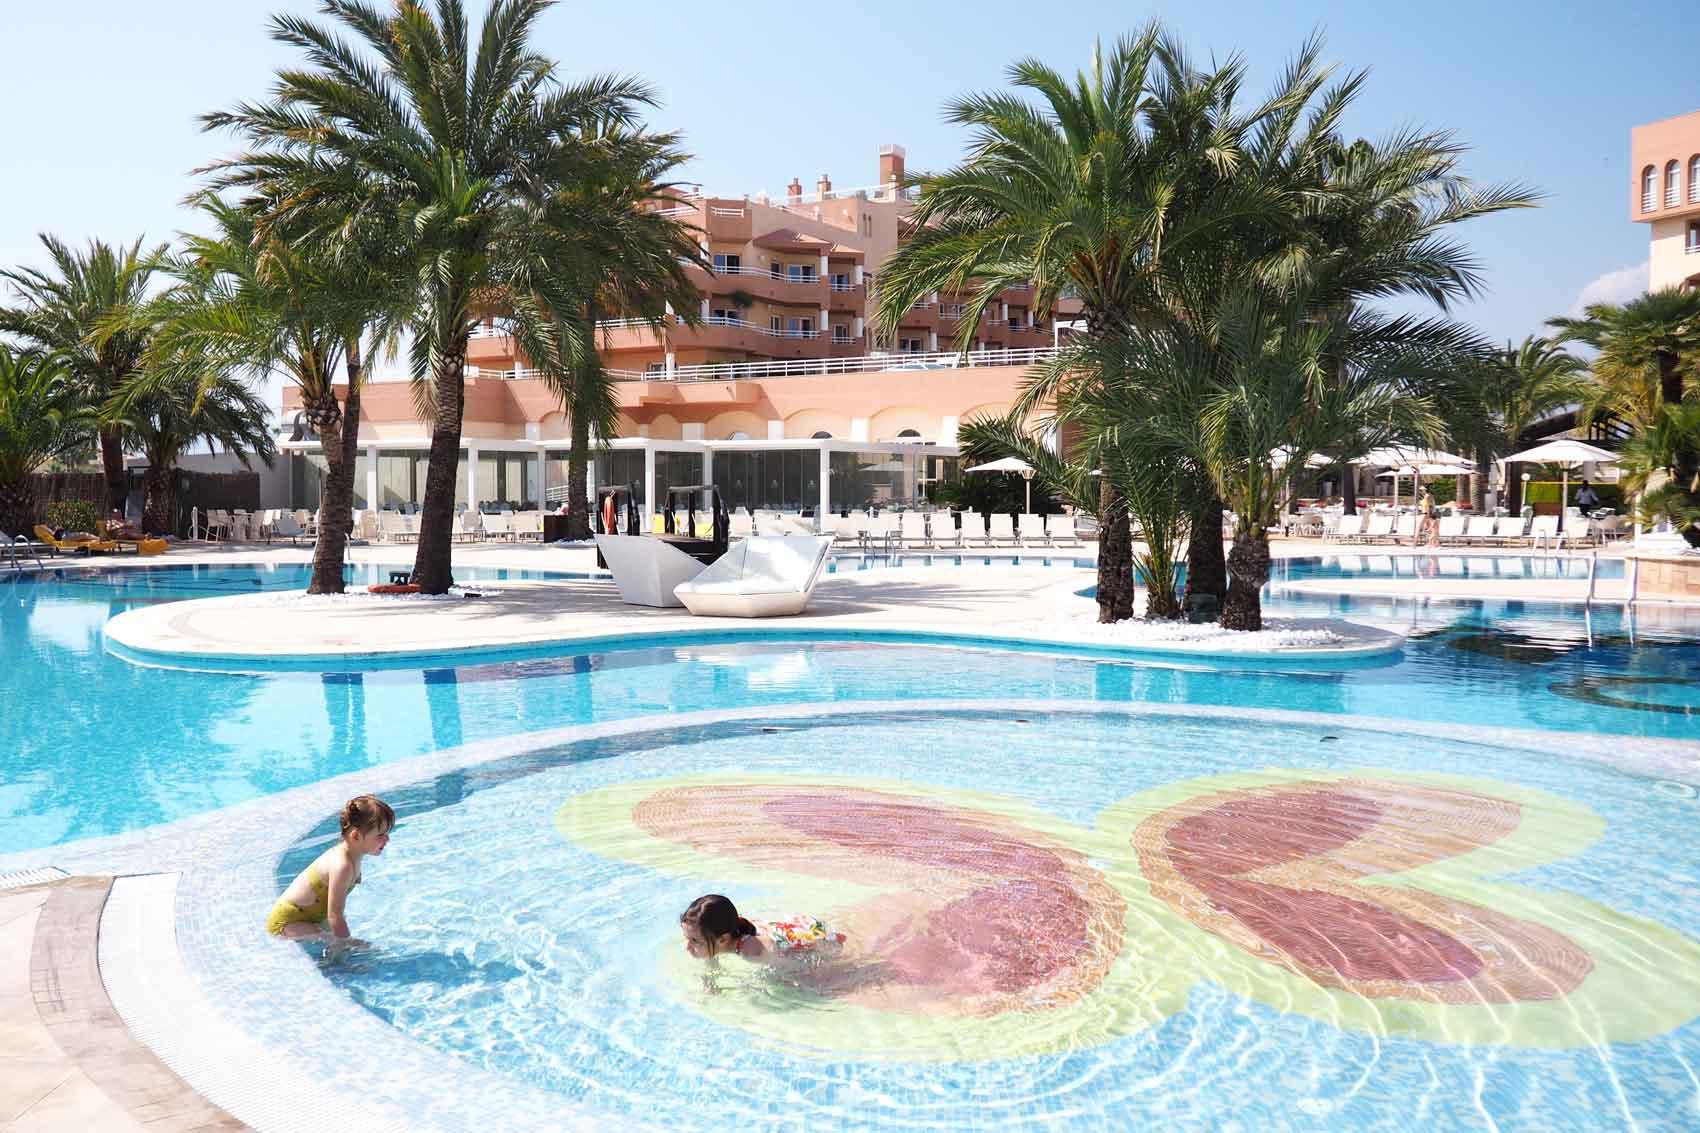 Hotel Oliva Nova_claraBmartin_14